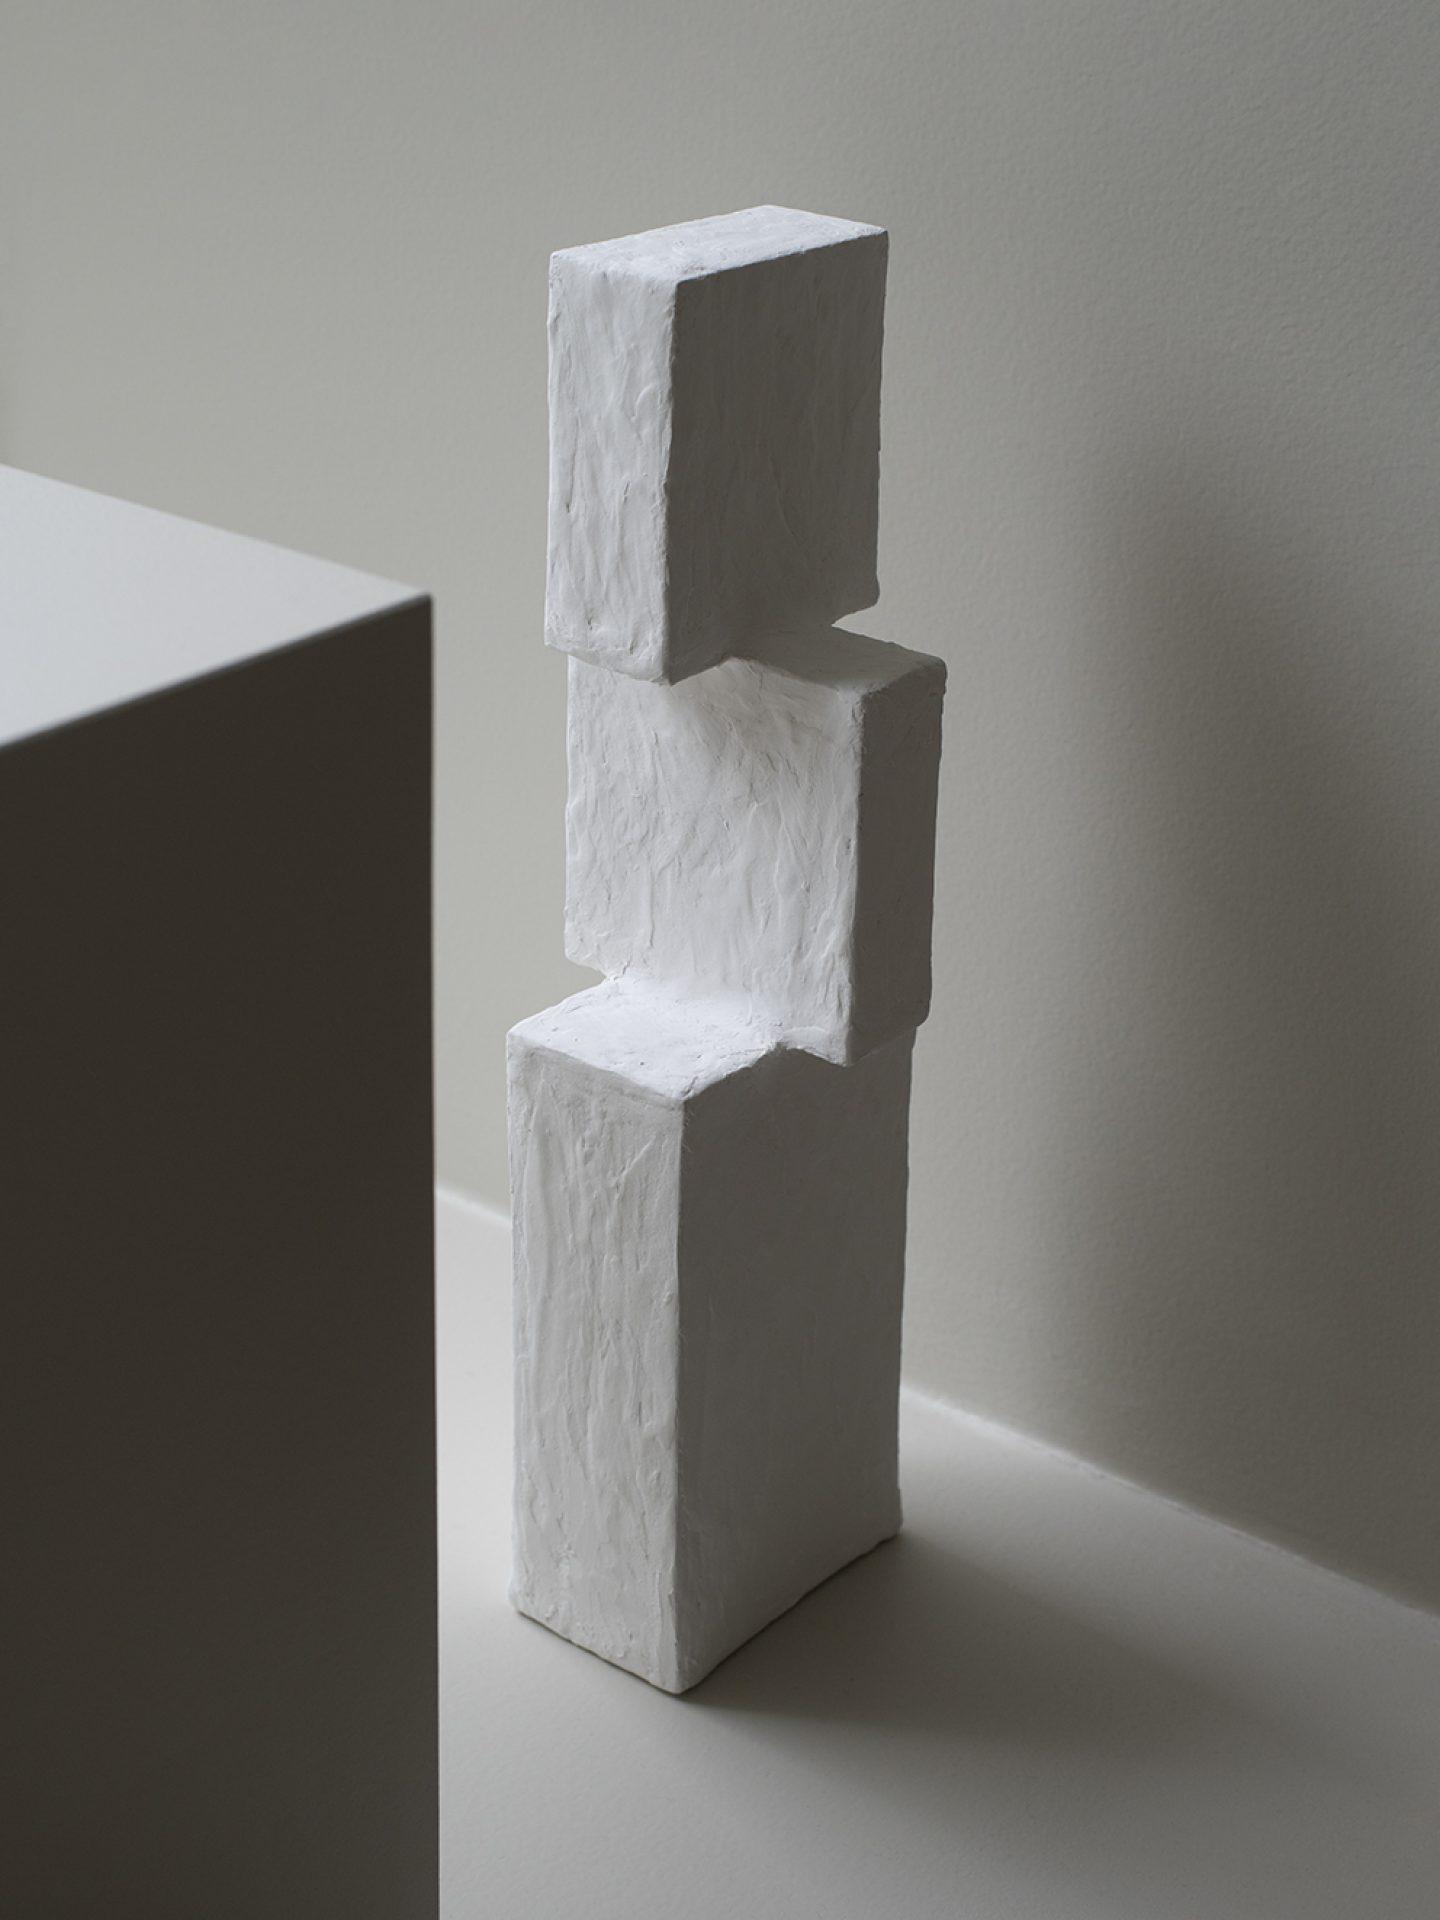 IGNANT-ART-Sculpture-Alium-26